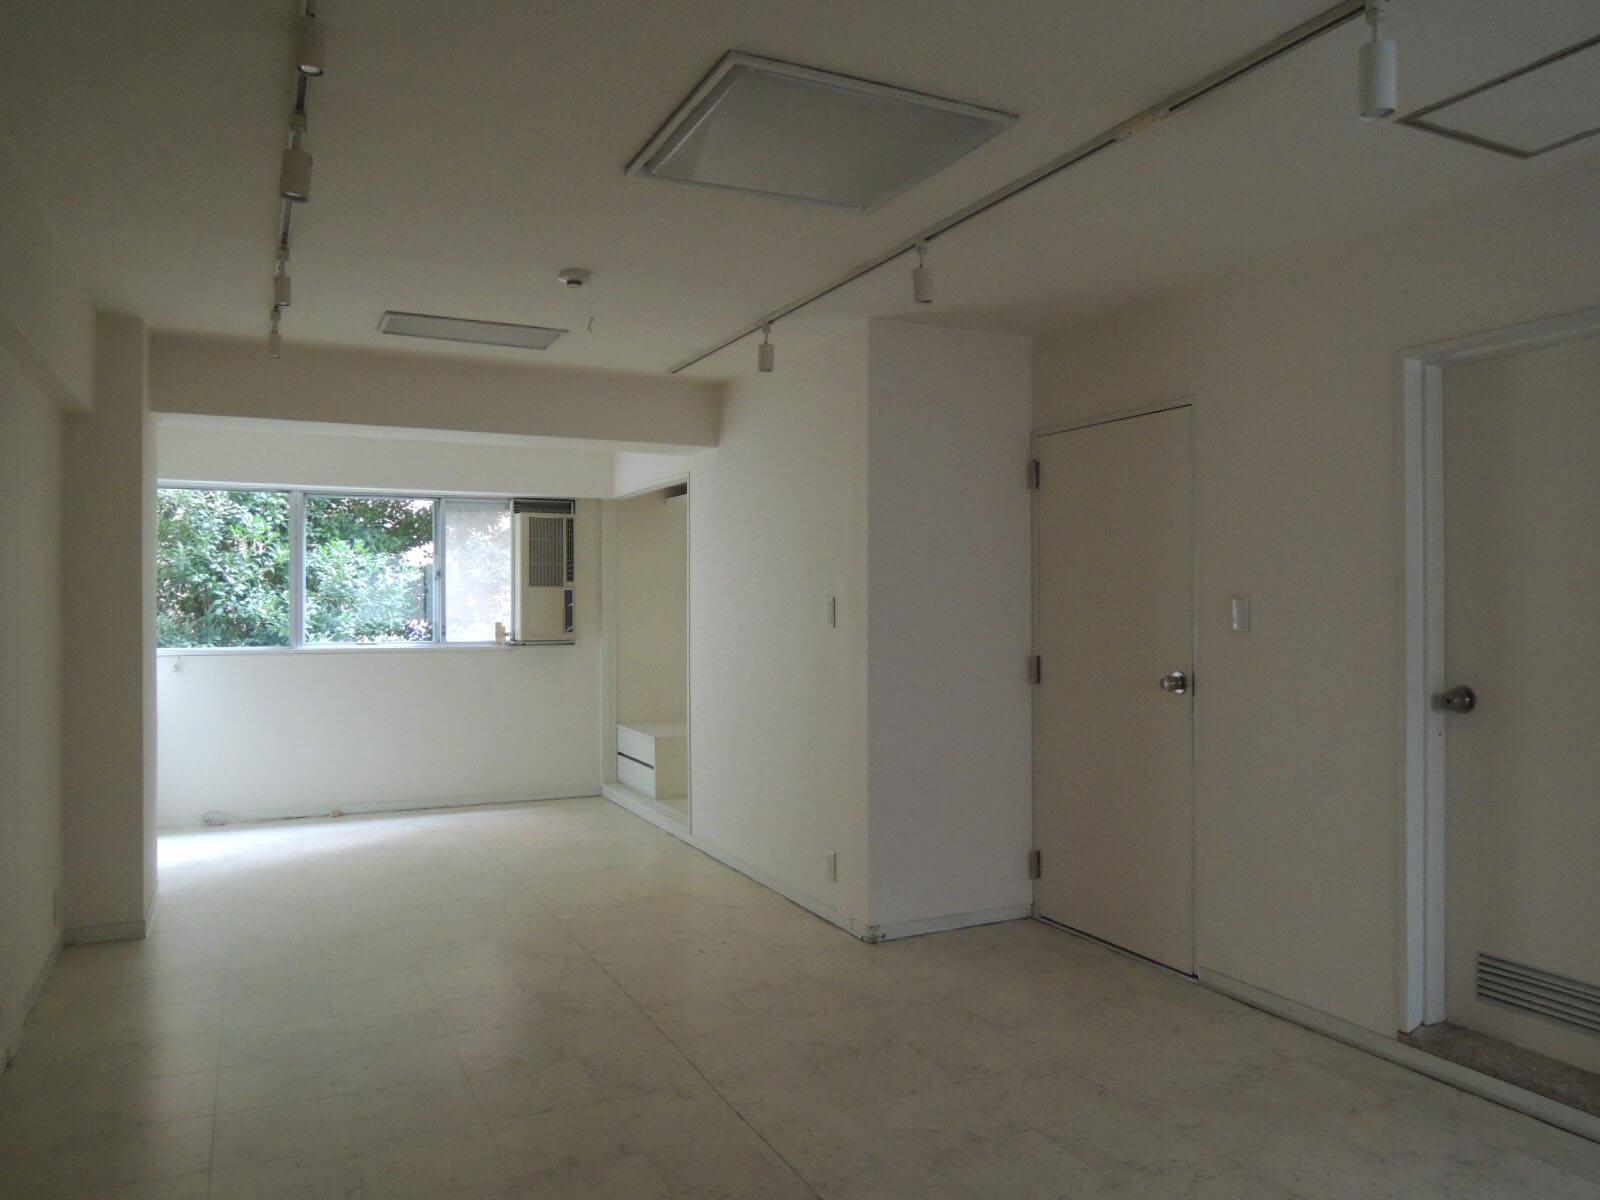 右側に寝室とバスルームが並びます。